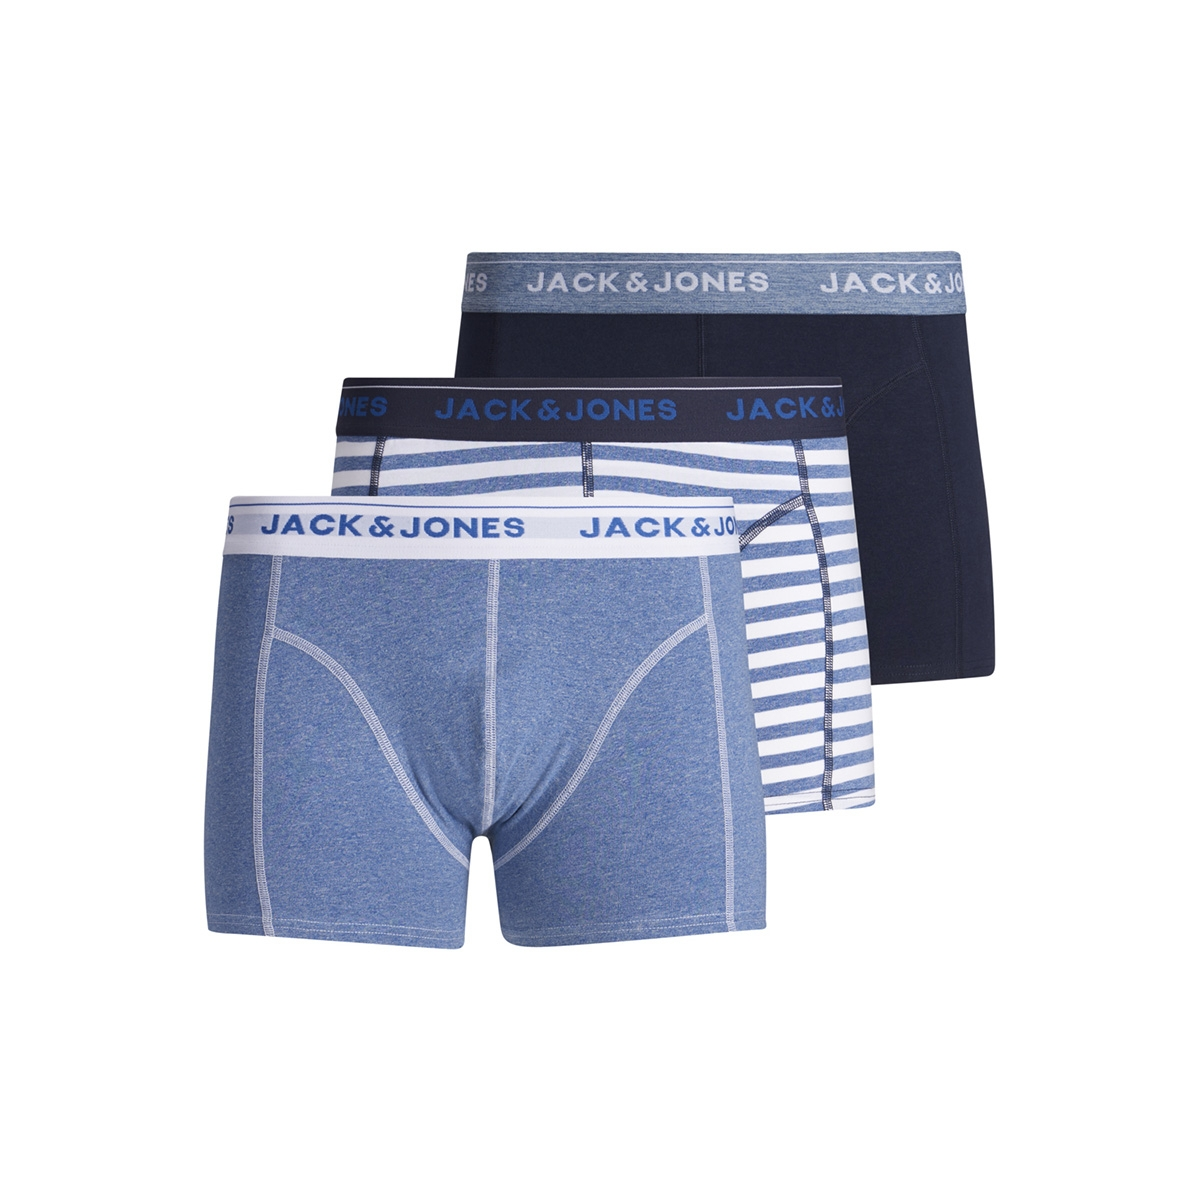 jacsolid twist trunks 3 pack 12154179 jack & jones ondergoed nautical blue